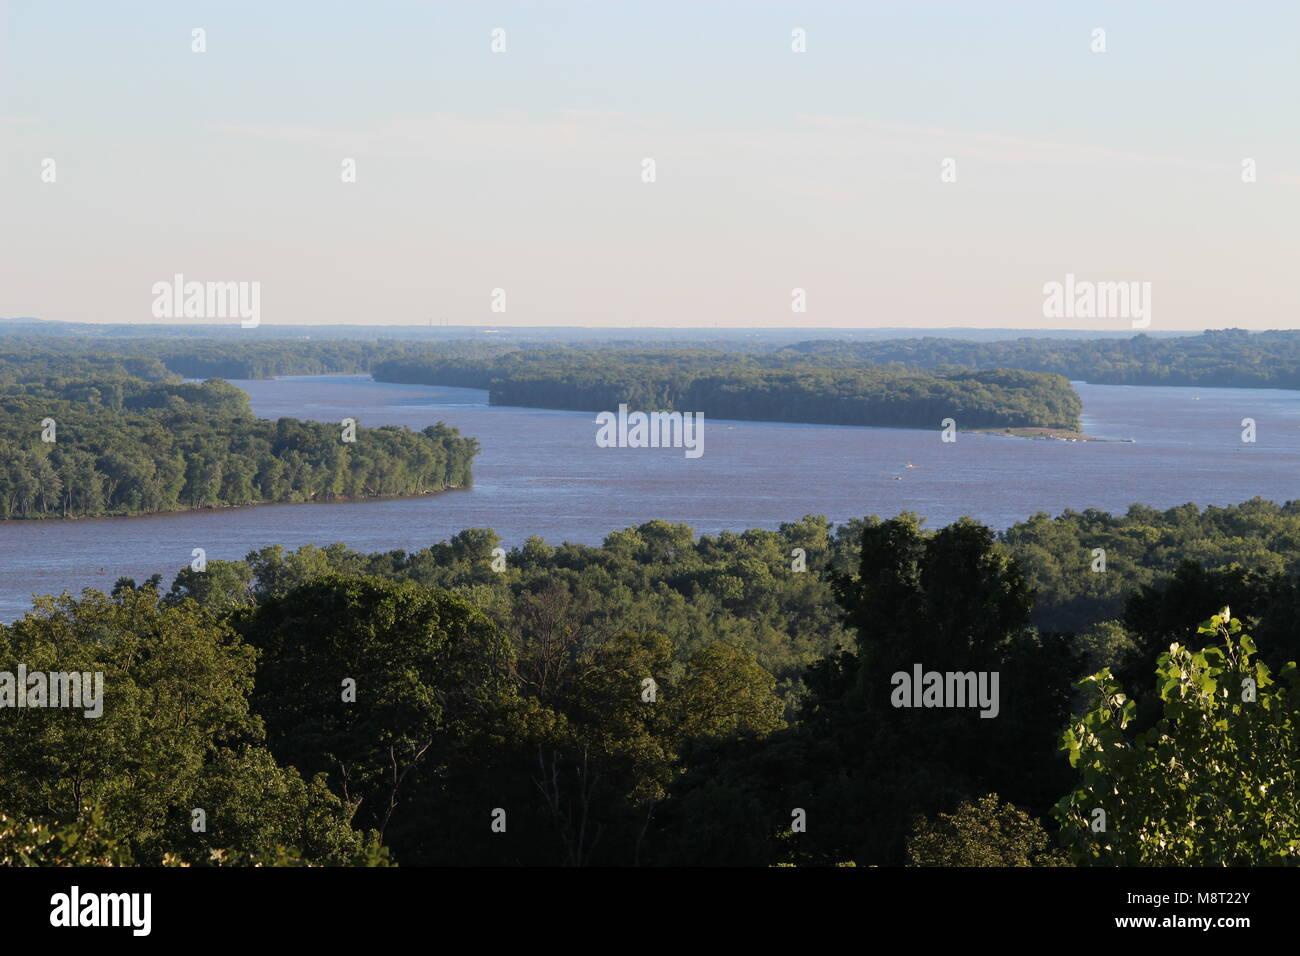 Die Konvergenz der Flüsse Mississippi und Missouri. Stockbild